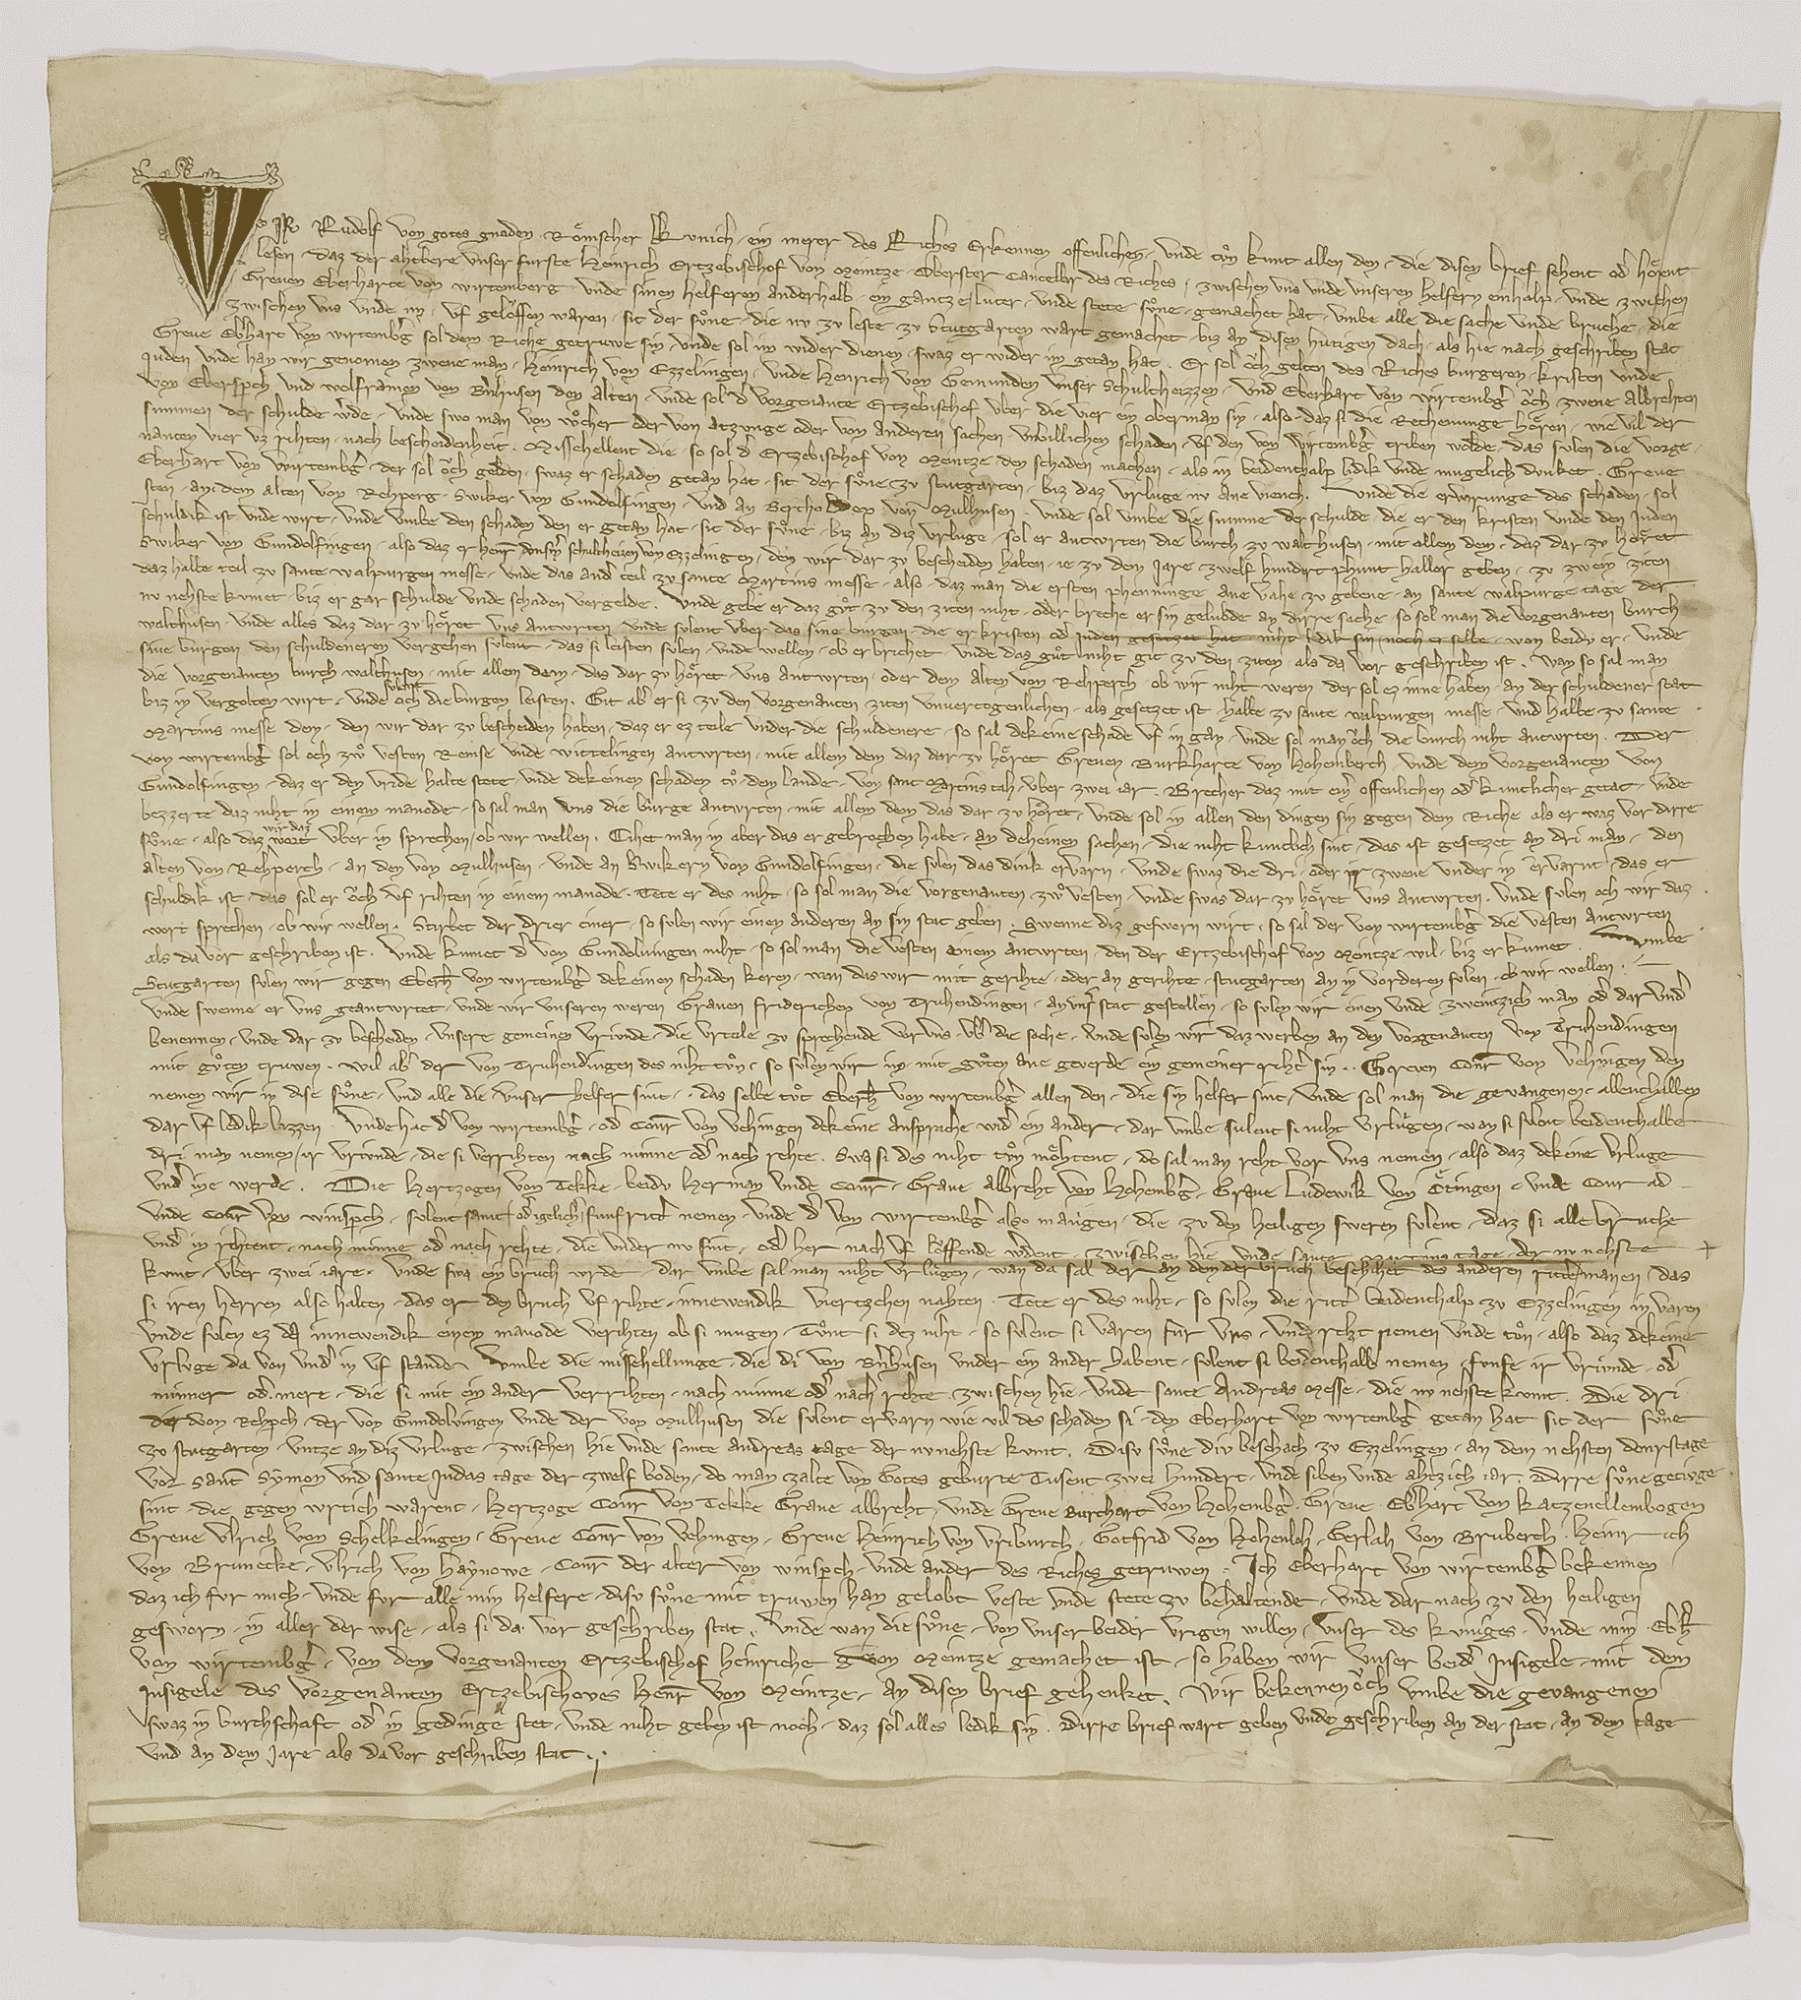 König Rudolf beurkundet die zwischen ihm und Graf Eberhard von Württemberg durch den Erzbischof Heinrich von Mainz zustande gebrachte Sühne., Bild 1